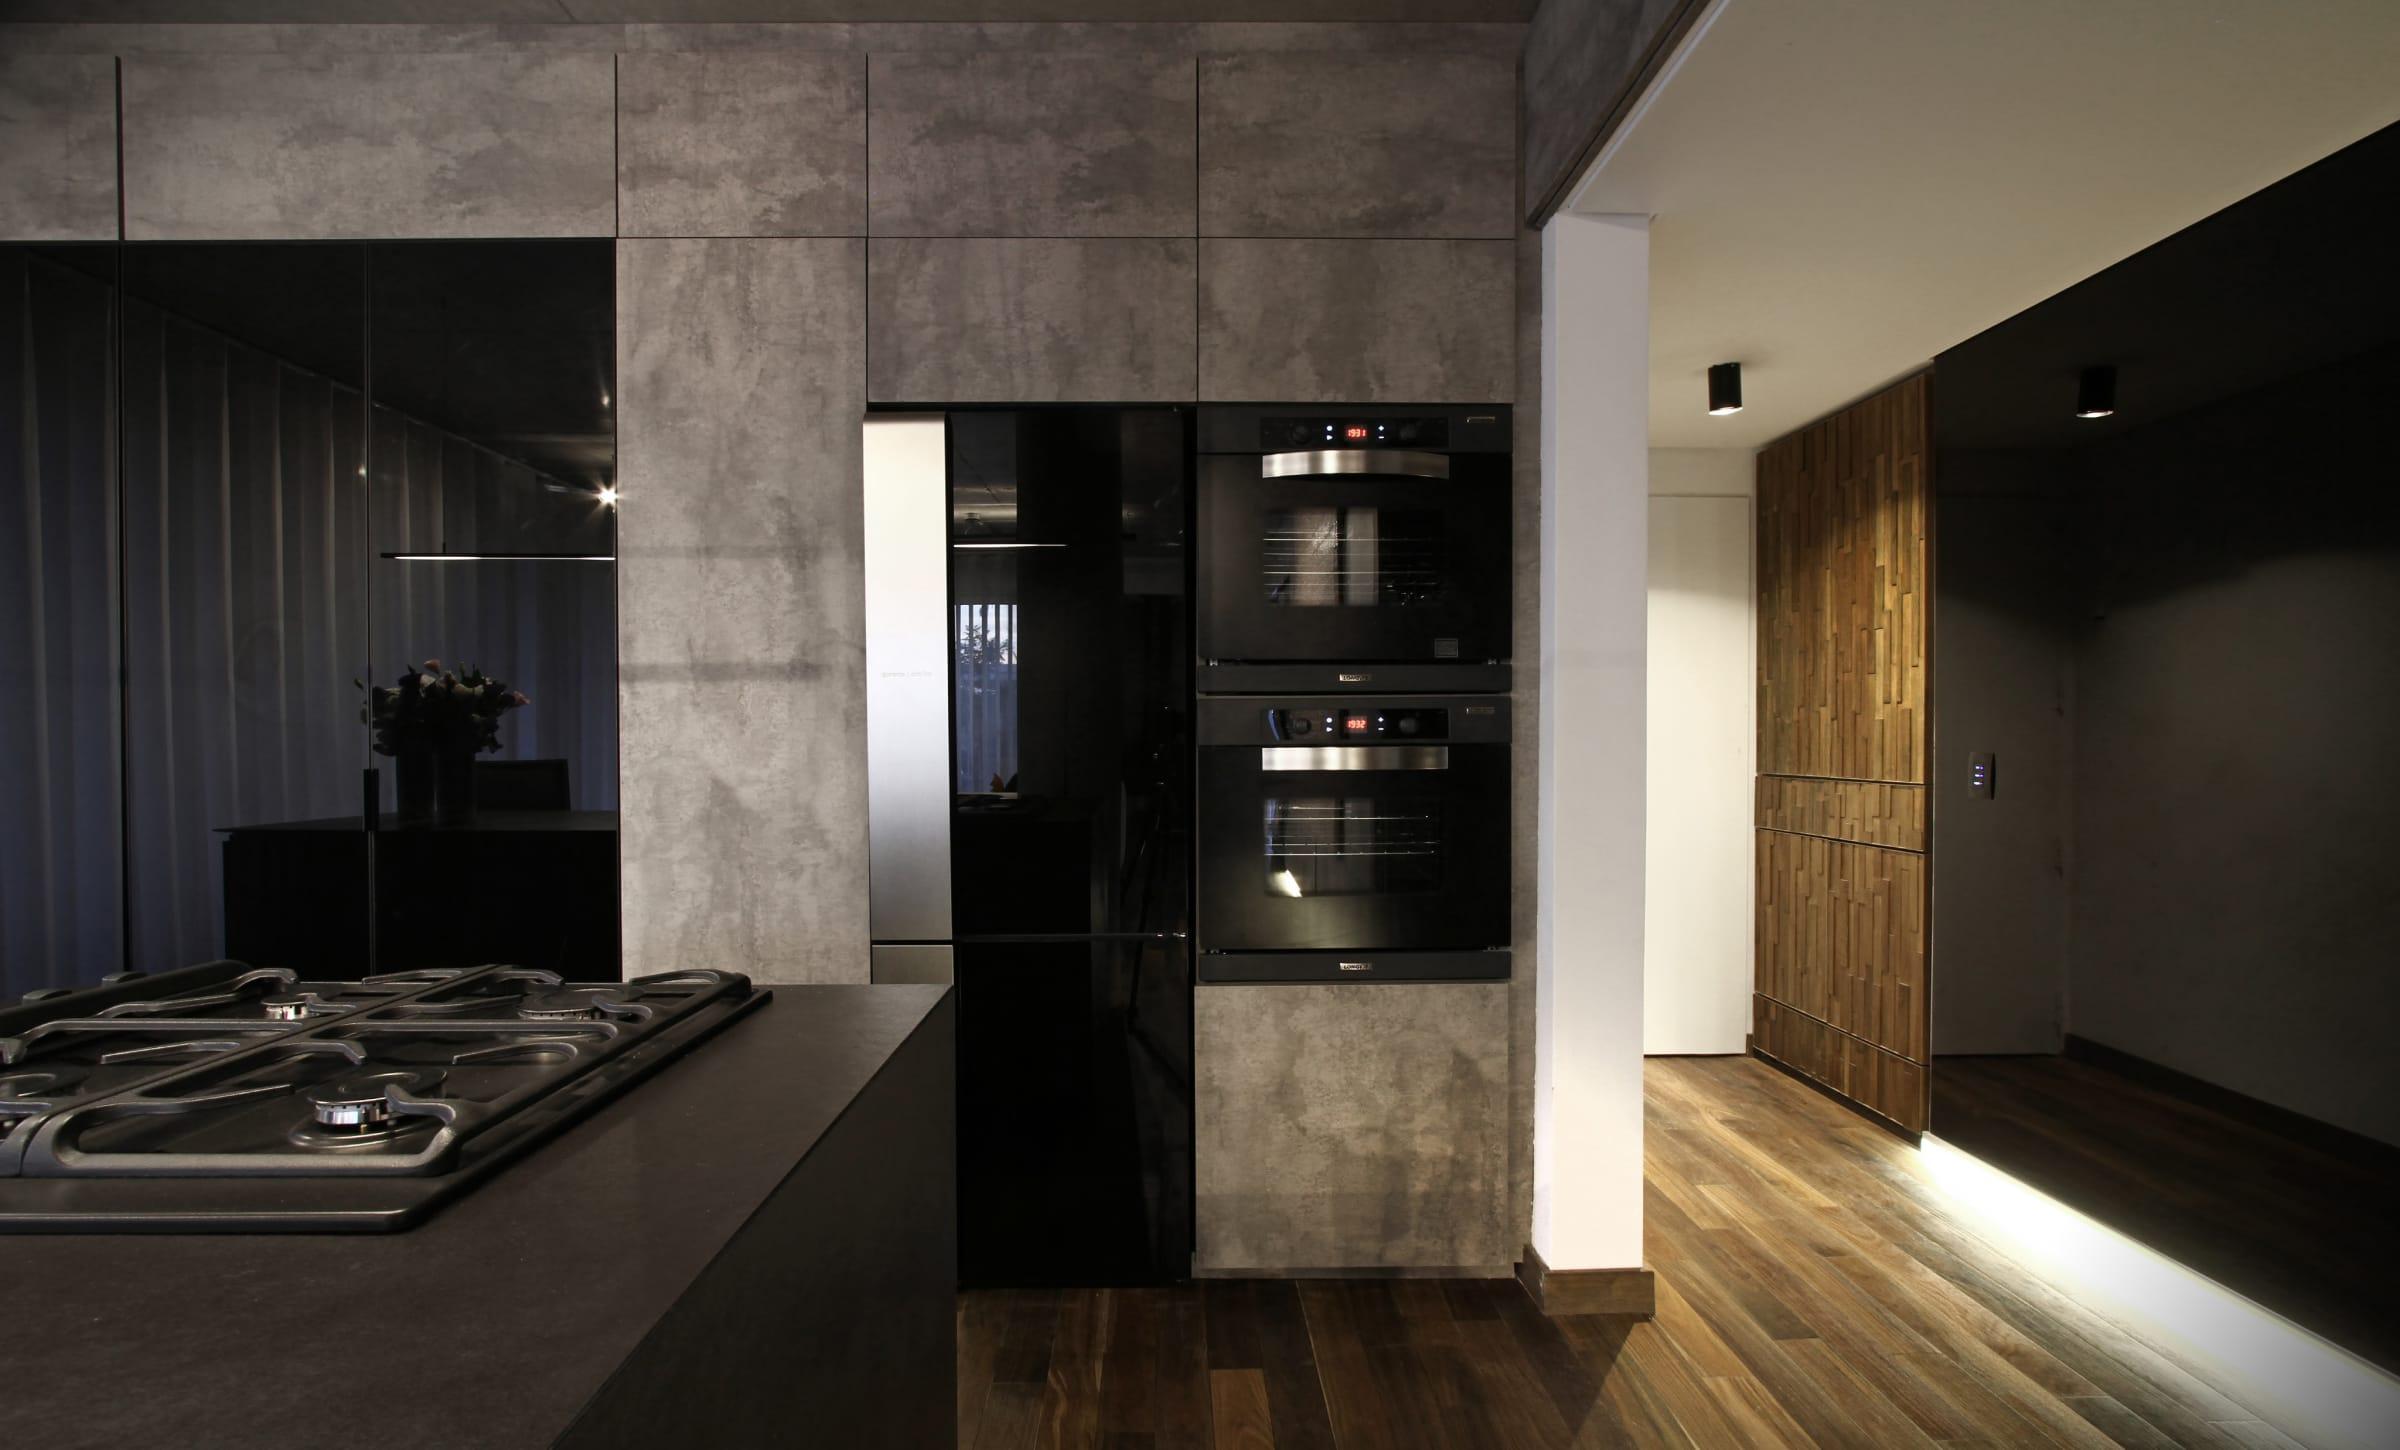 Los frentes del mobiliario de cocina de Gallego y Martos se resolvieron utilizando tableros de la línea Street de Faplac con textura estucada.